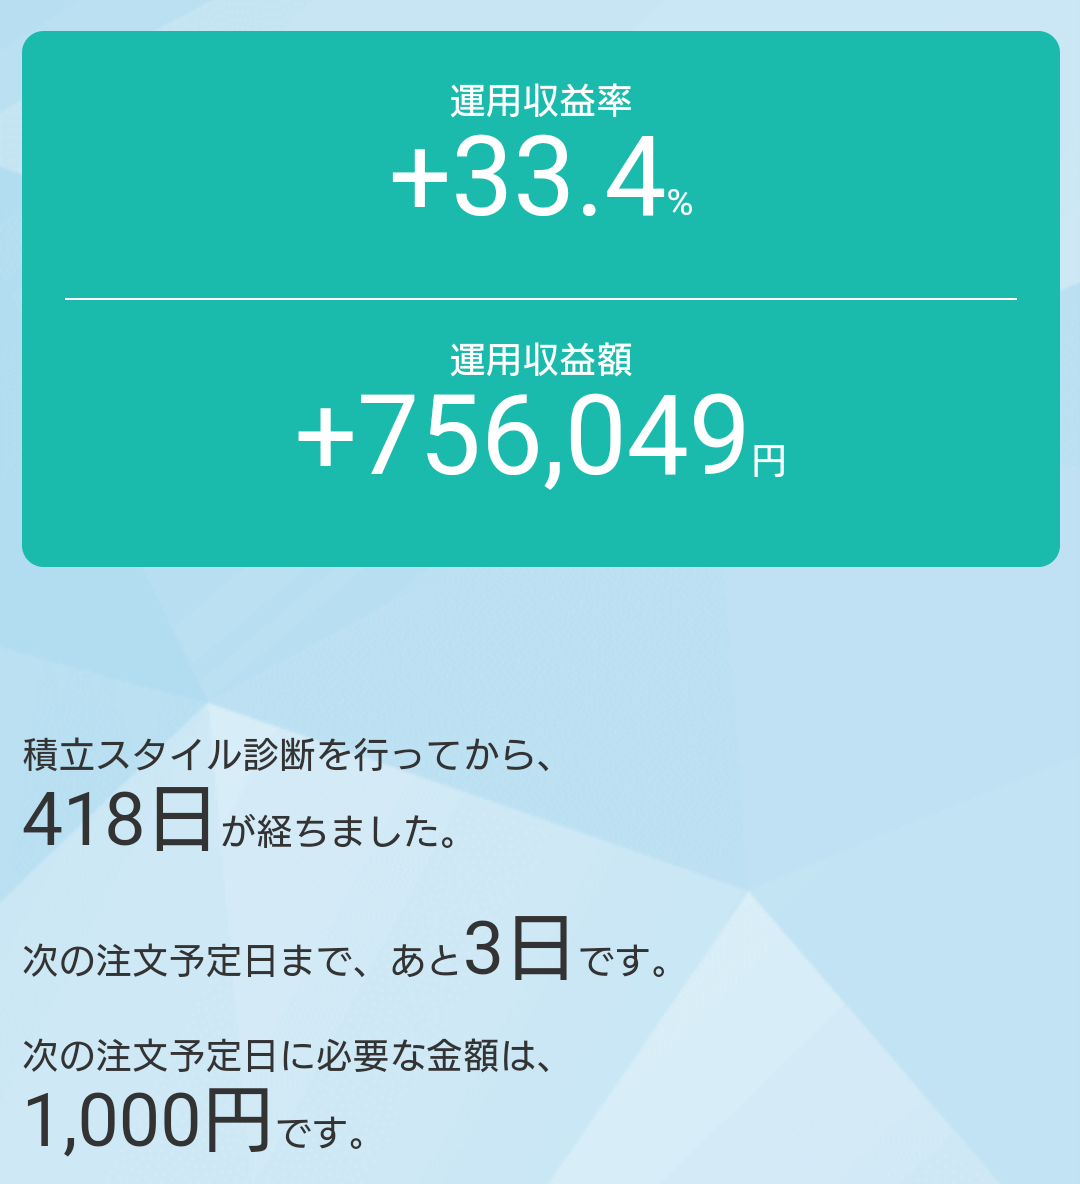 f:id:kame_kabu:20210925215410p:plain